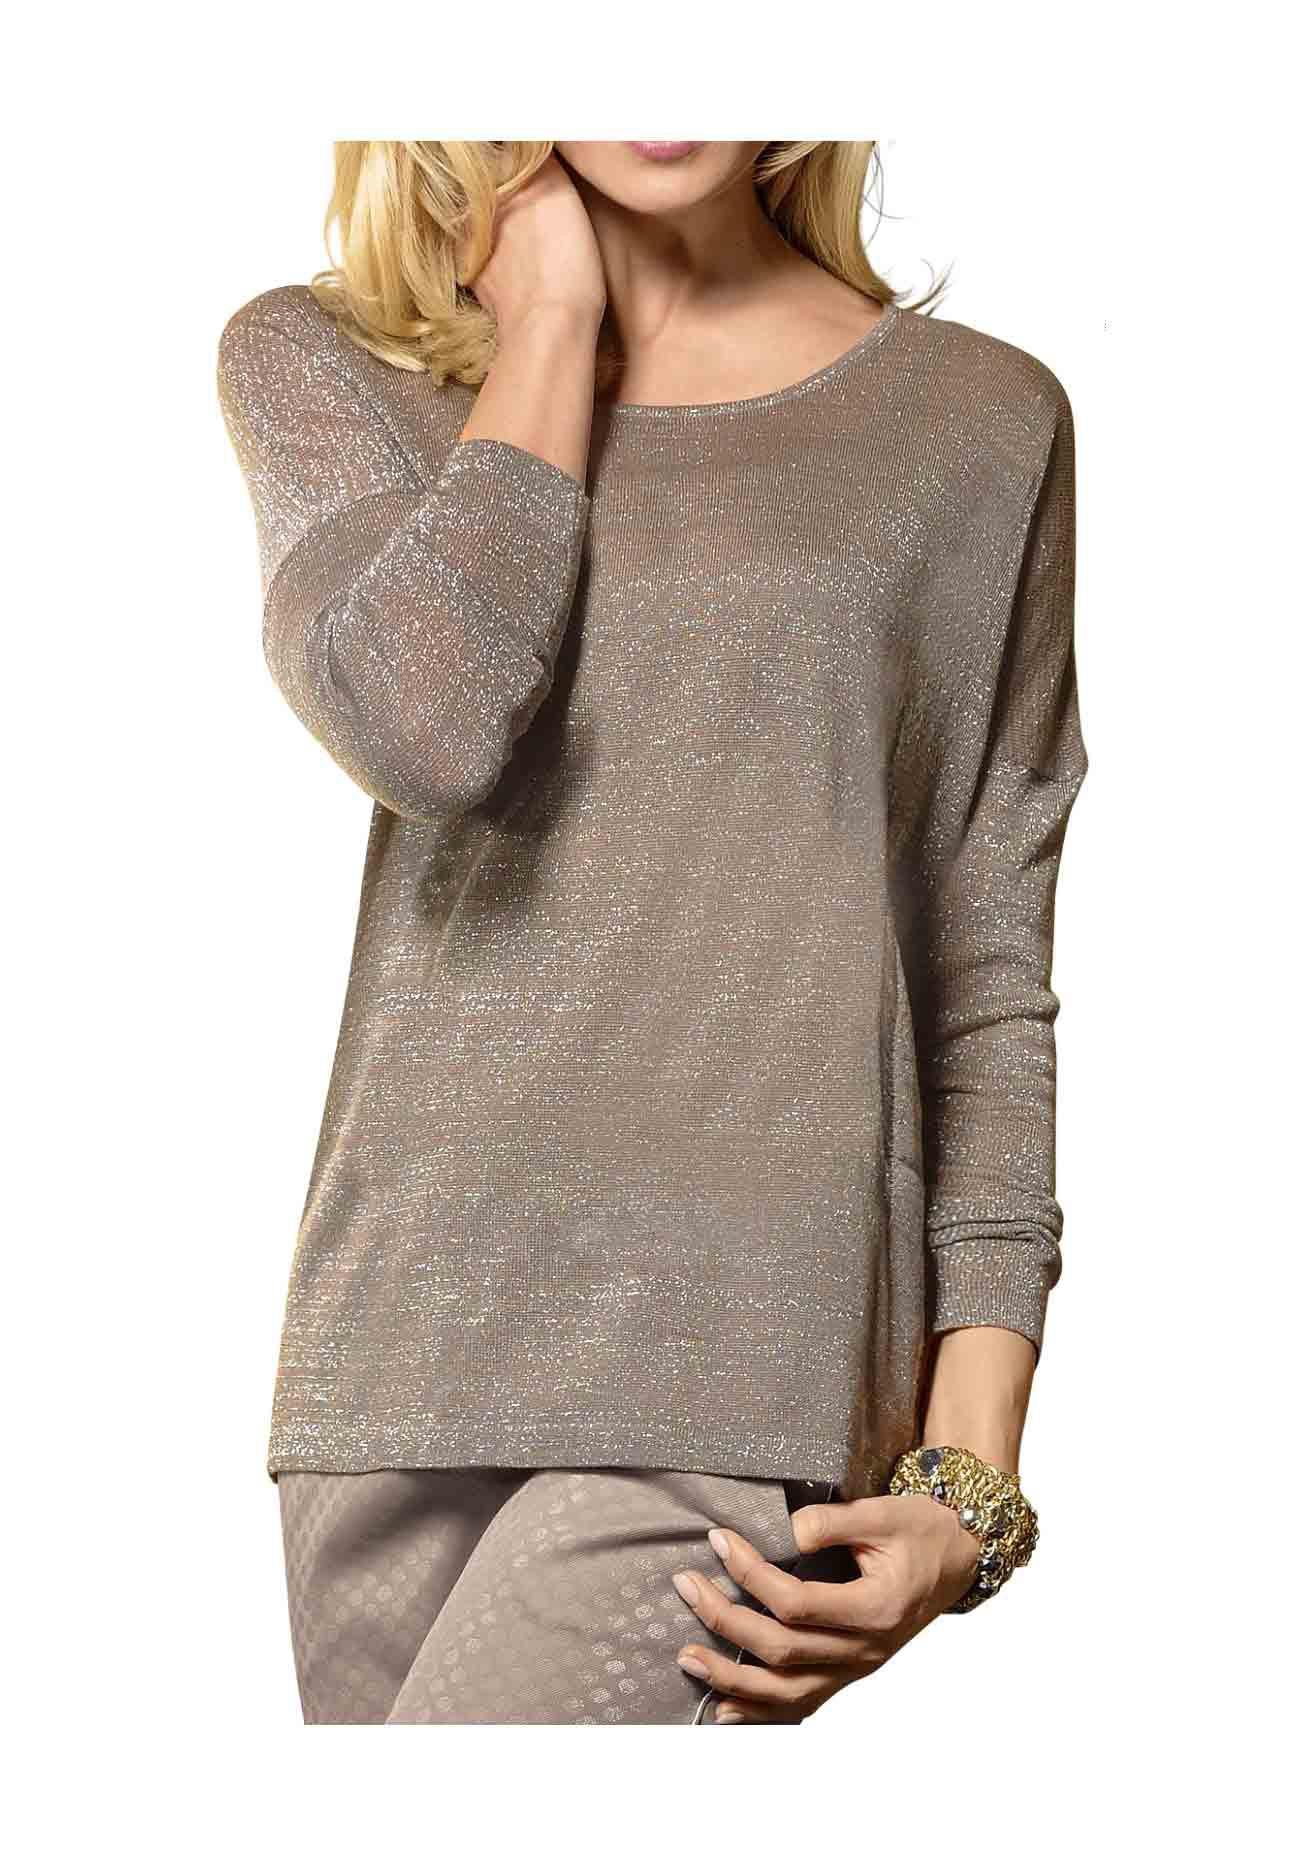 Třpytivý svetr ALBA MODA, svetr s jemným leskem (vel.40/42 skladem)